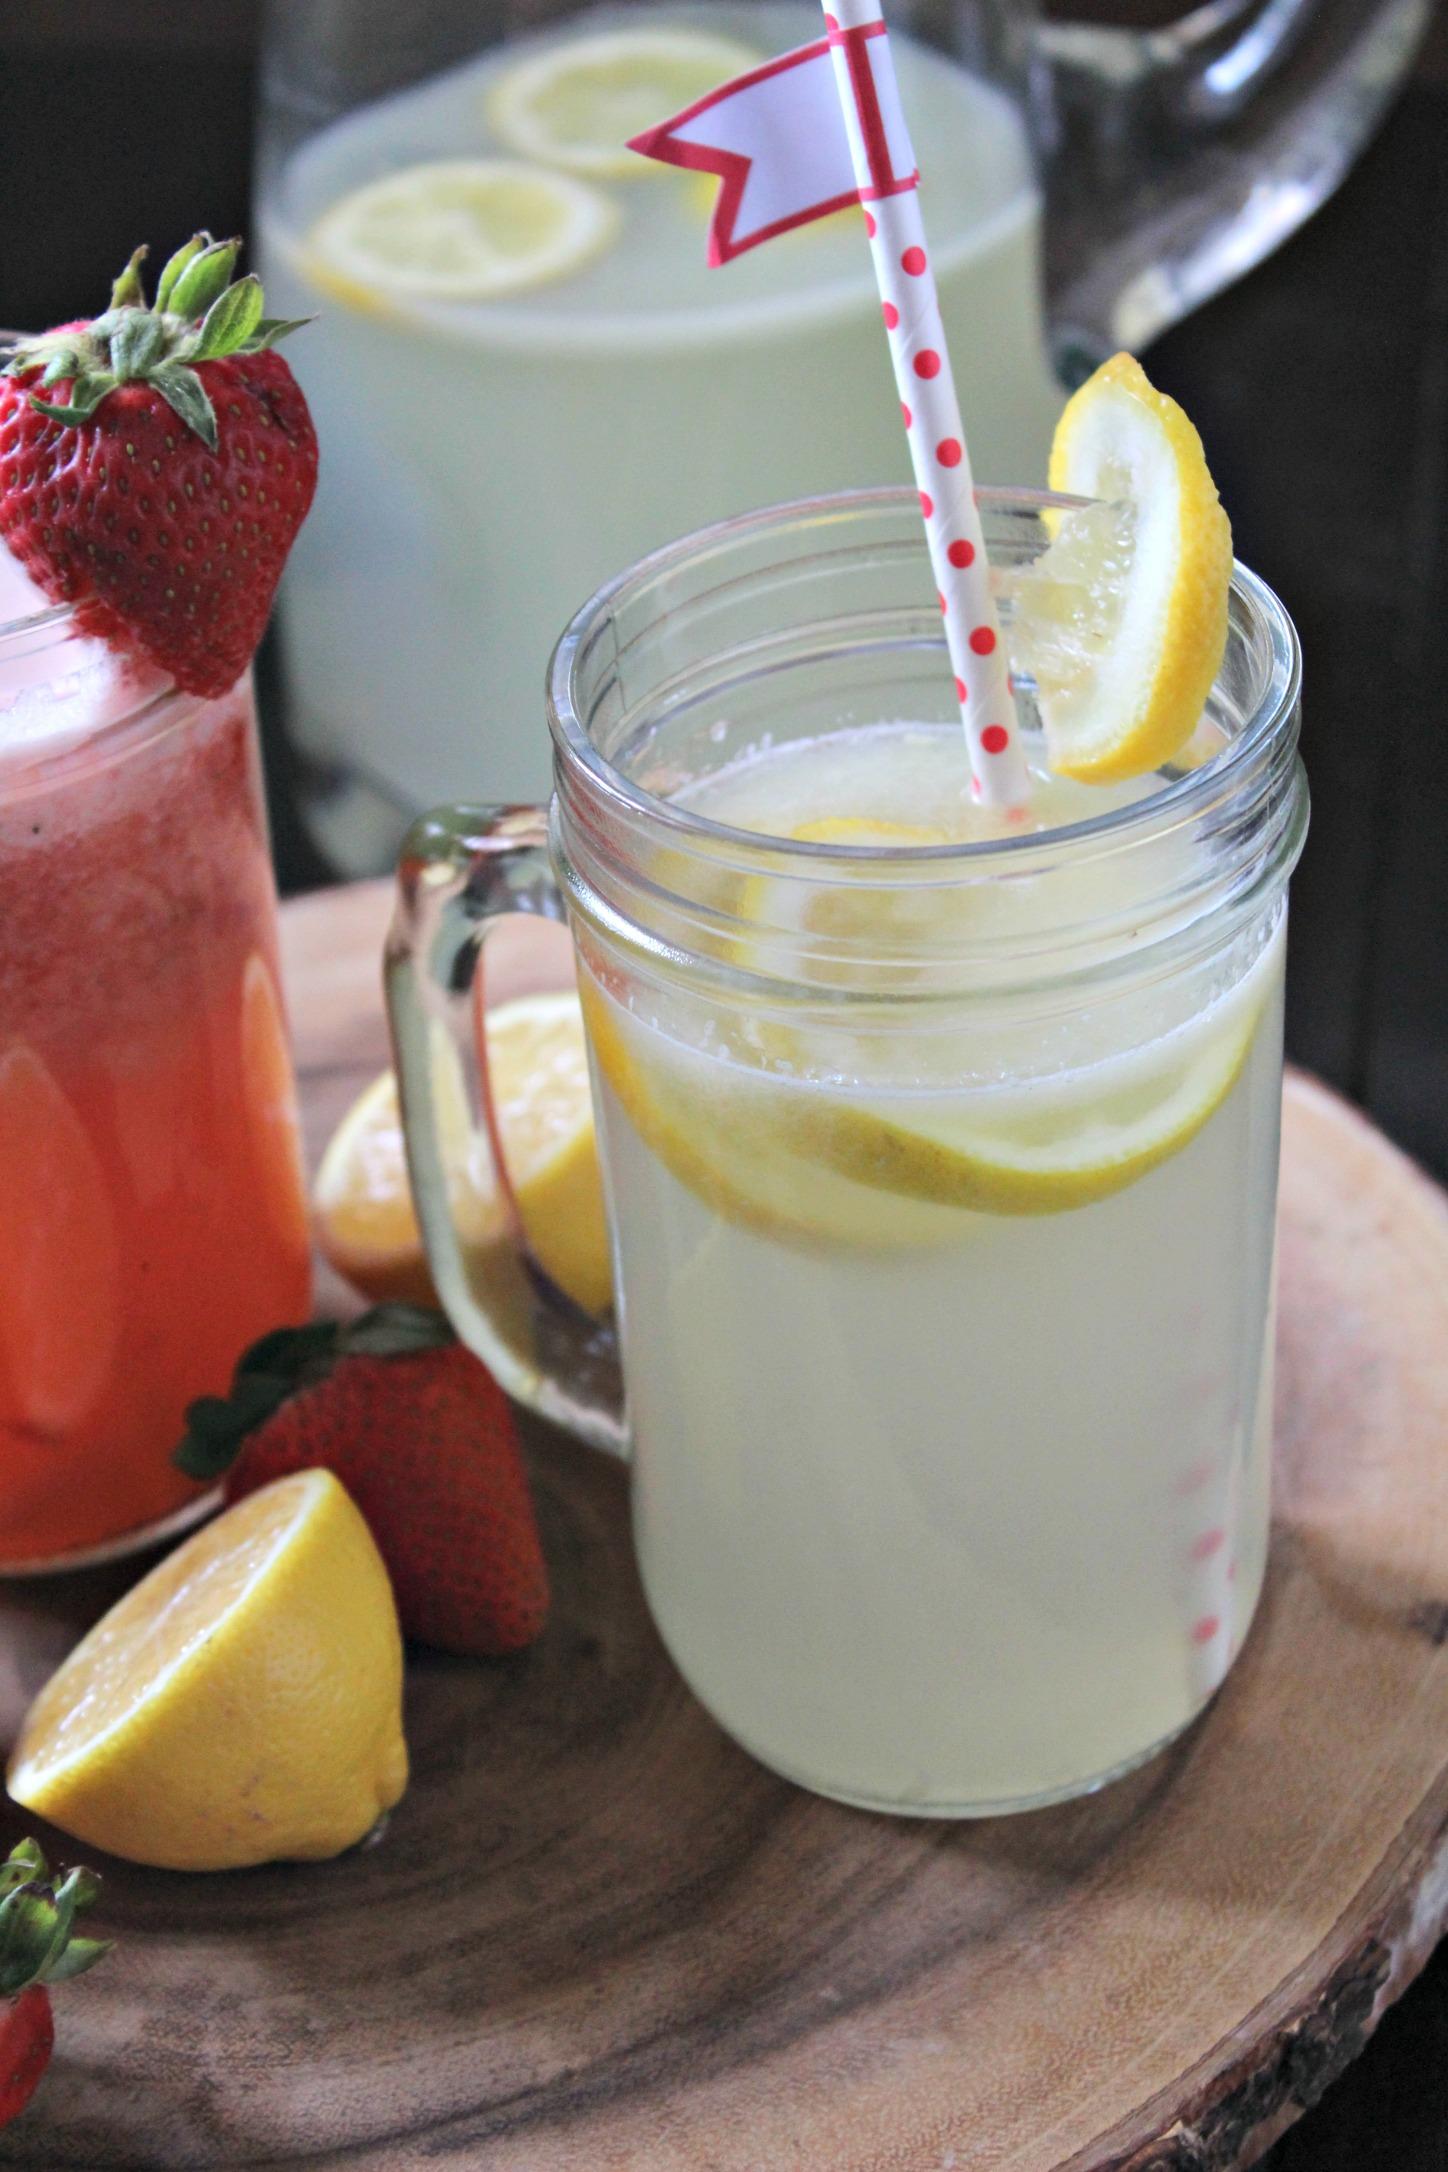 Diet Lemonade